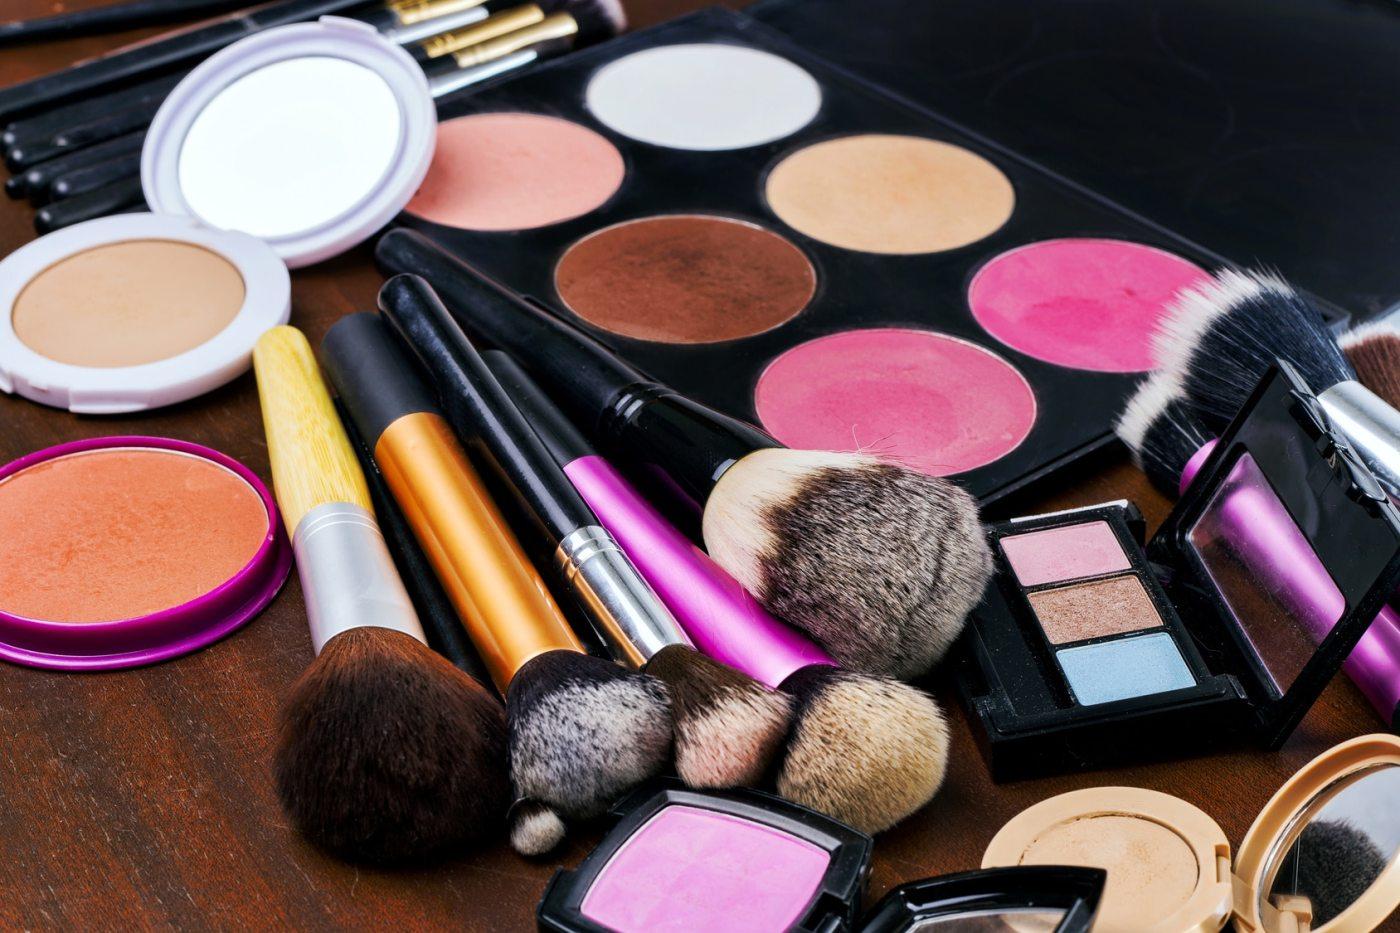 Importar Maquiagens Originais - Veja as Melhores Dicas